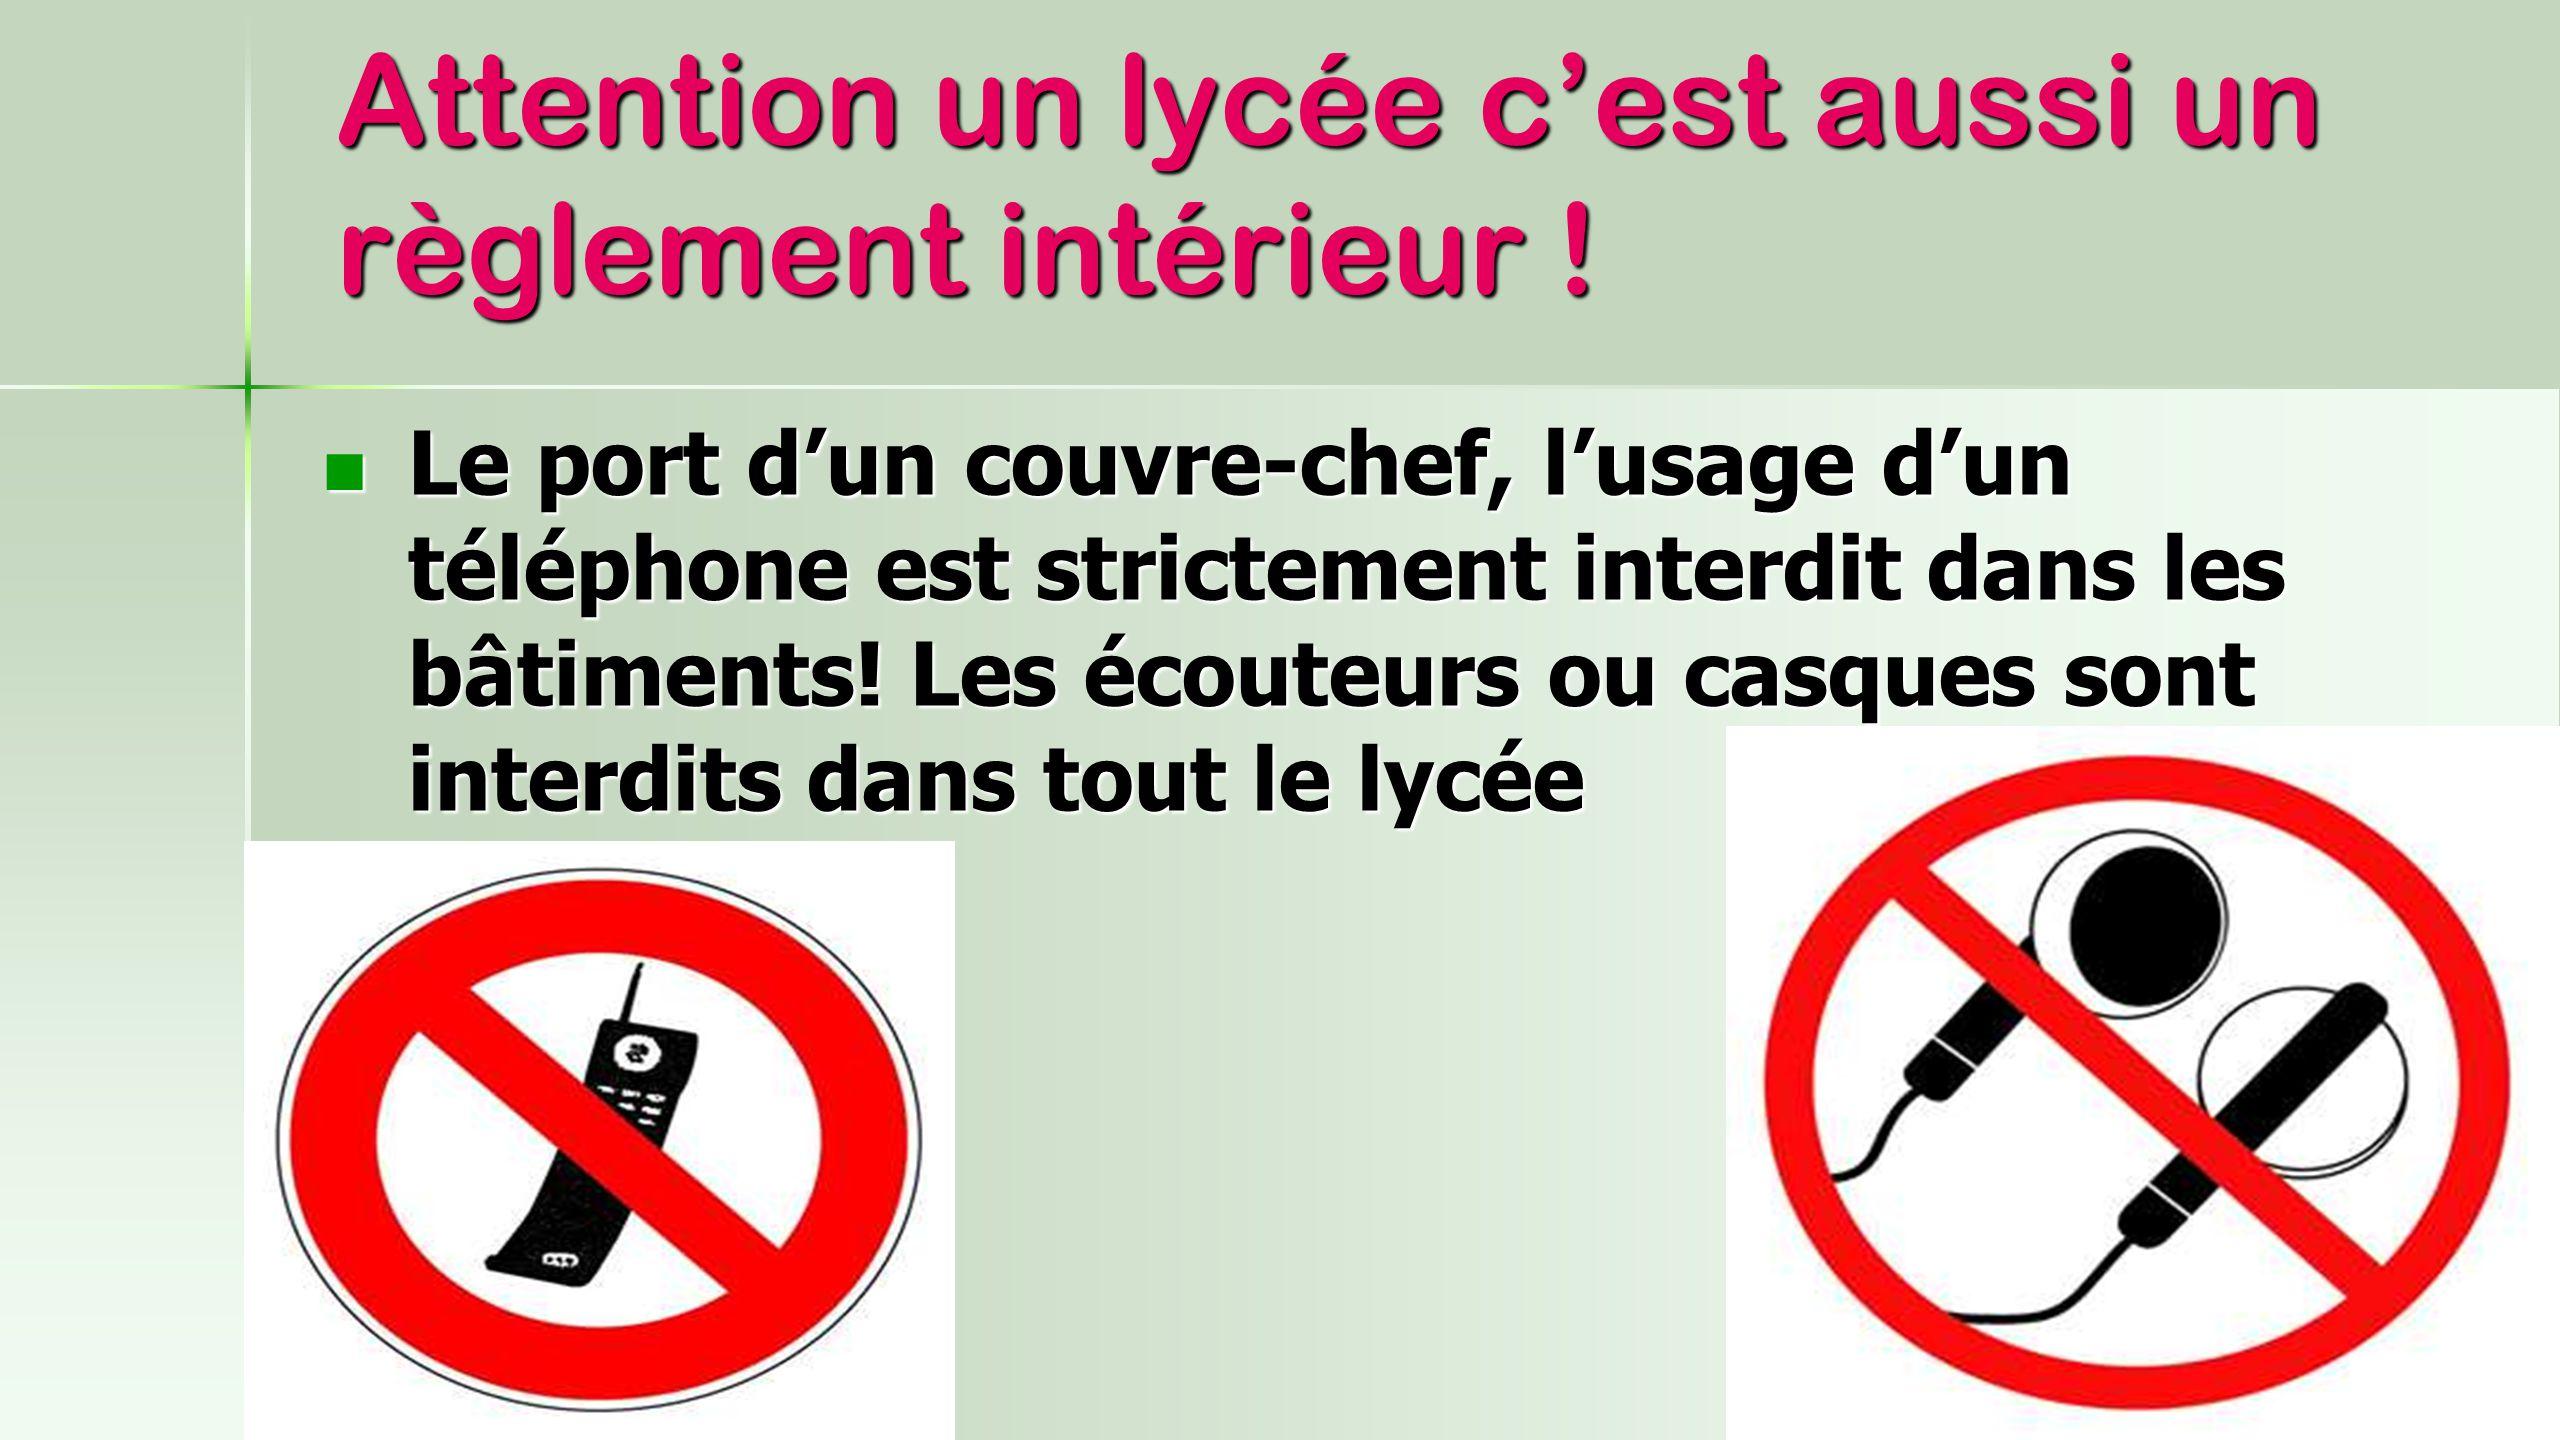 Attention un lycée c'est aussi un règlement intérieur ! Le port d'un couvre-chef, l'usage d'un téléphone est strictement interdit dans les bâtiments!